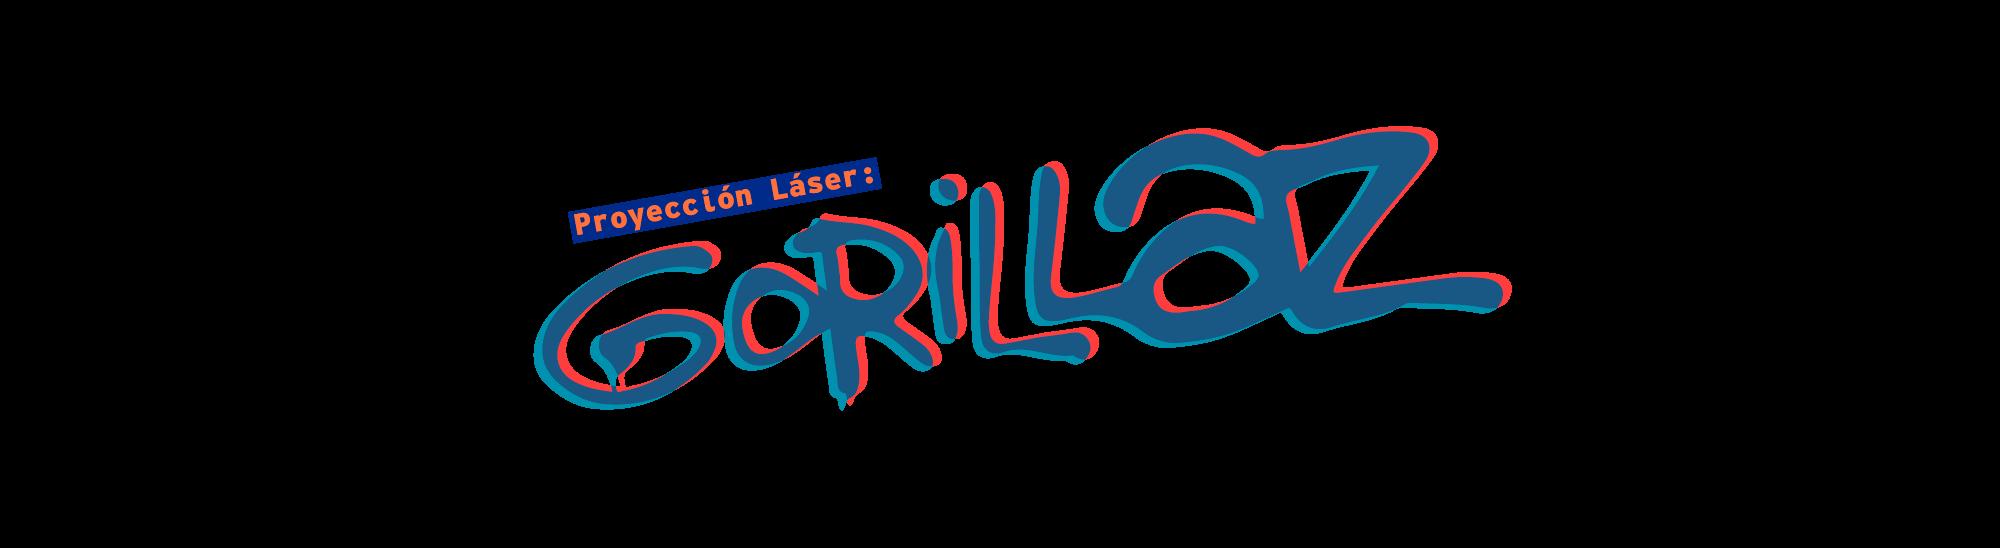 para-gorilaz_3.png